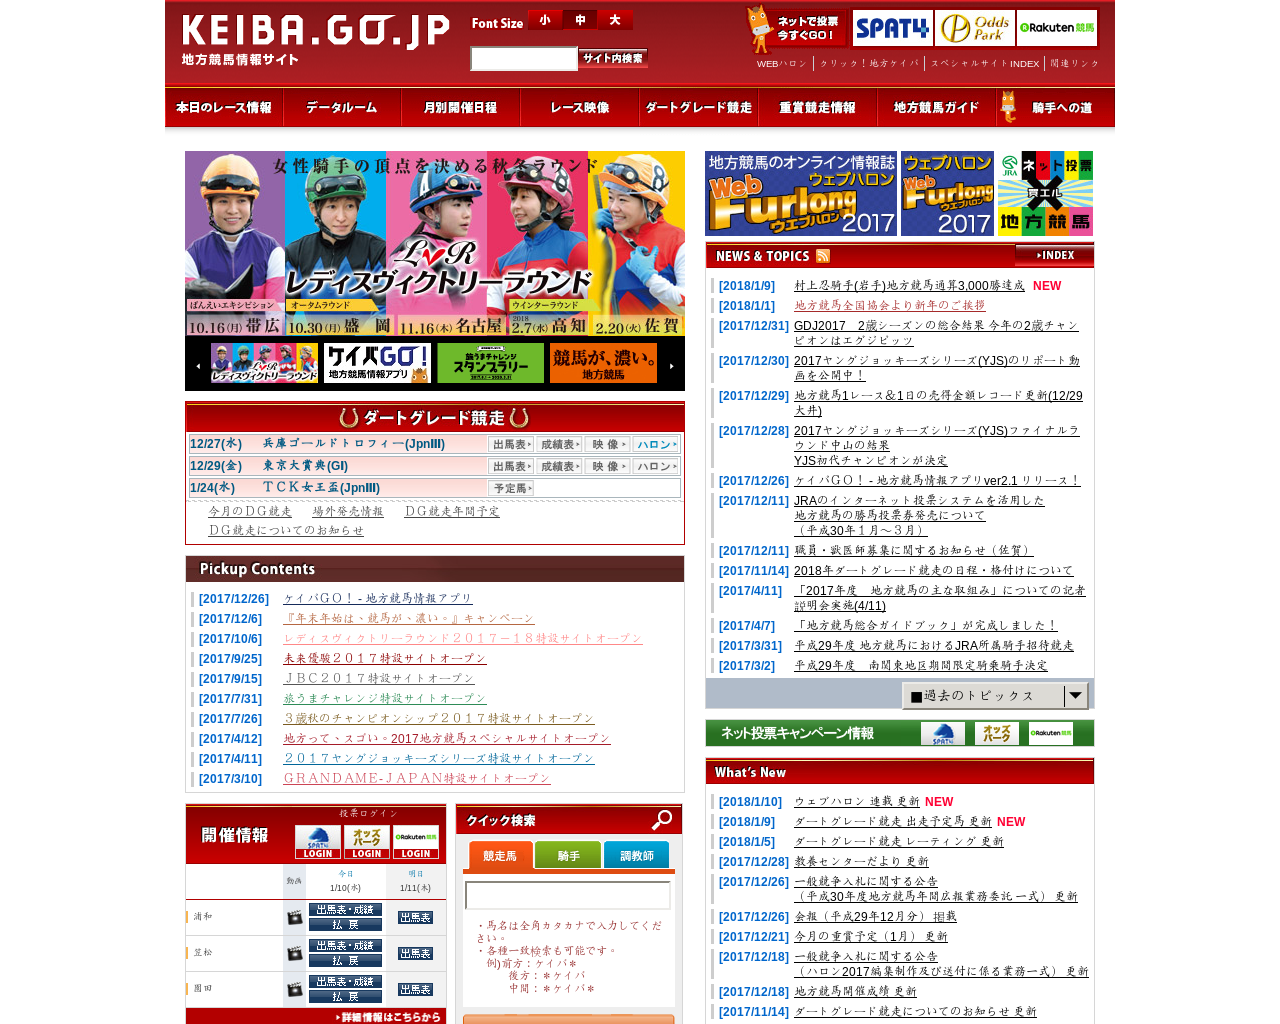 www2.keiba.go.jp(2017/12/30 11:50:42)